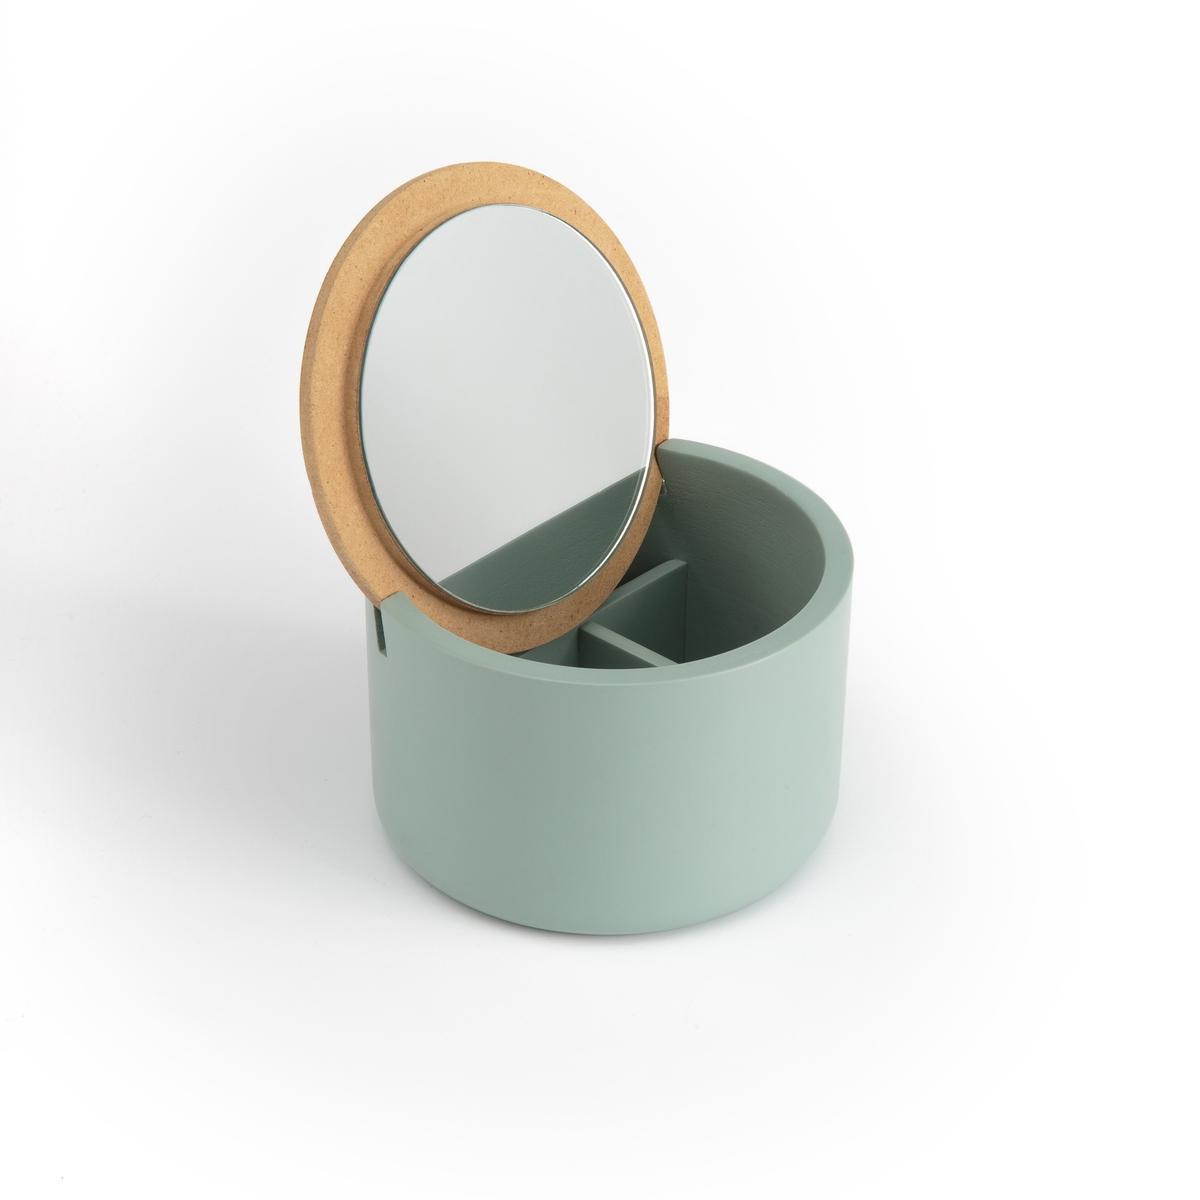 Коробка La Redoute Для украшений ORANE единый размер зеленый